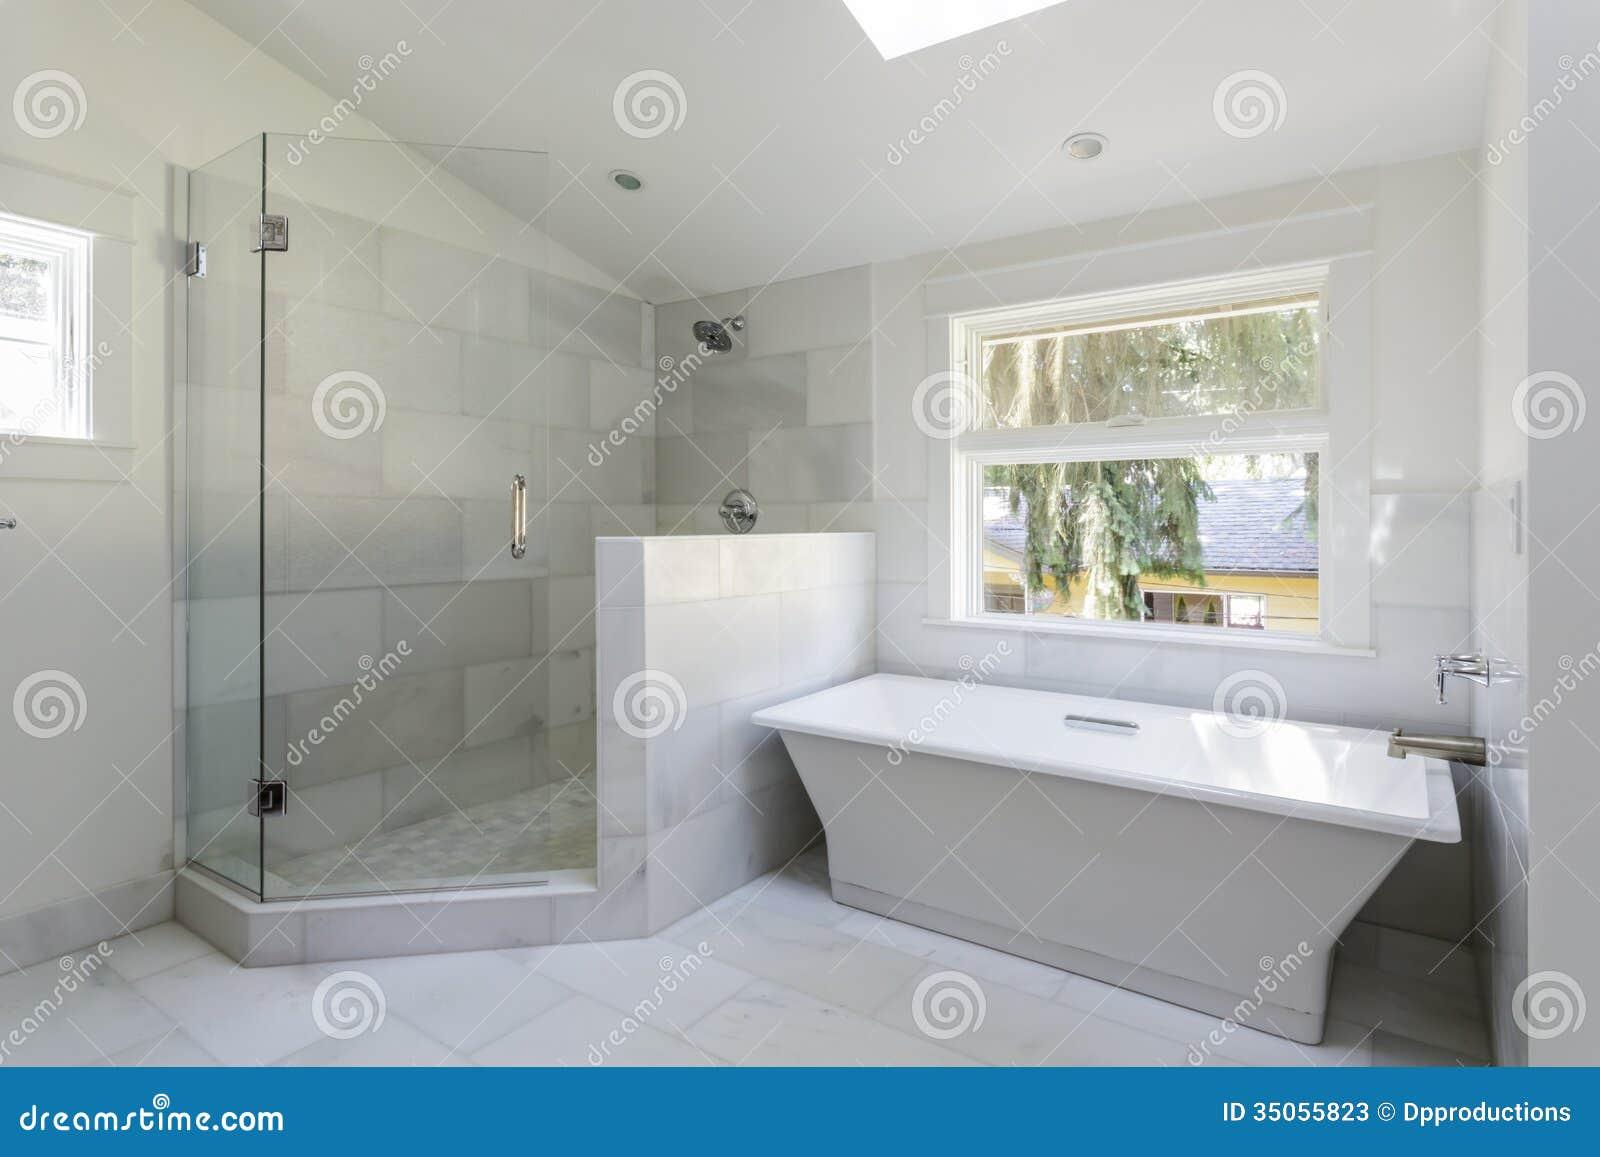 Salle de bains moderne avec la douche et la baignoire for Baignoire de salle de bain